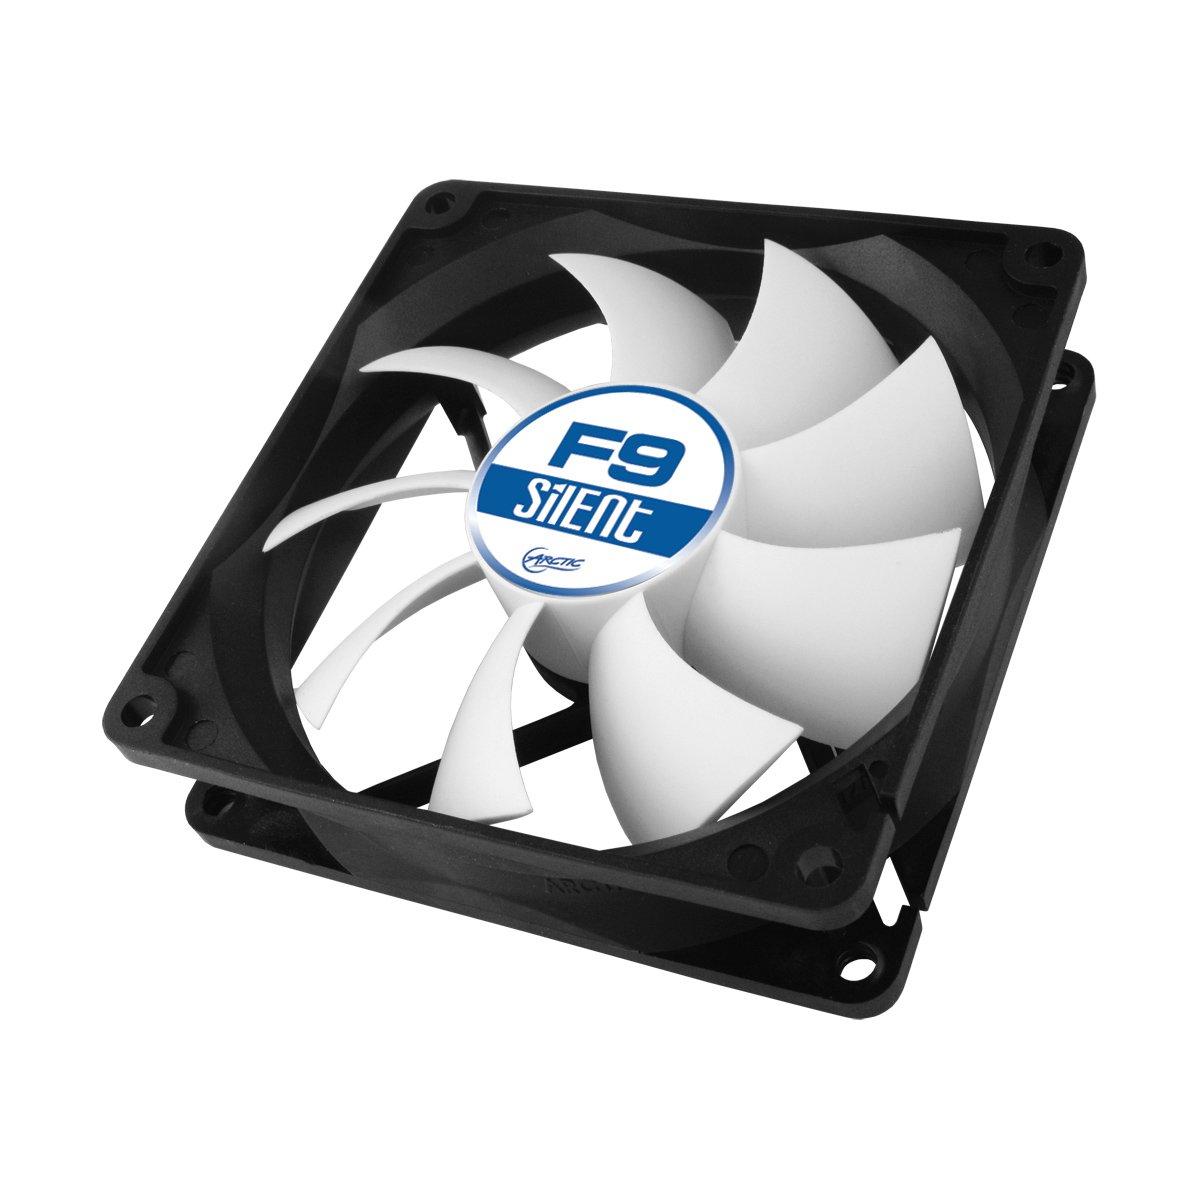 ARCTIC F9 Silent – Ventilador de Caja para CPU, Motor Muy Silencioso, Computadora, 1000 RPM – Gris/Blanco/Negro, 92 mm (ACFAN00026A): Amazon.es: Informática